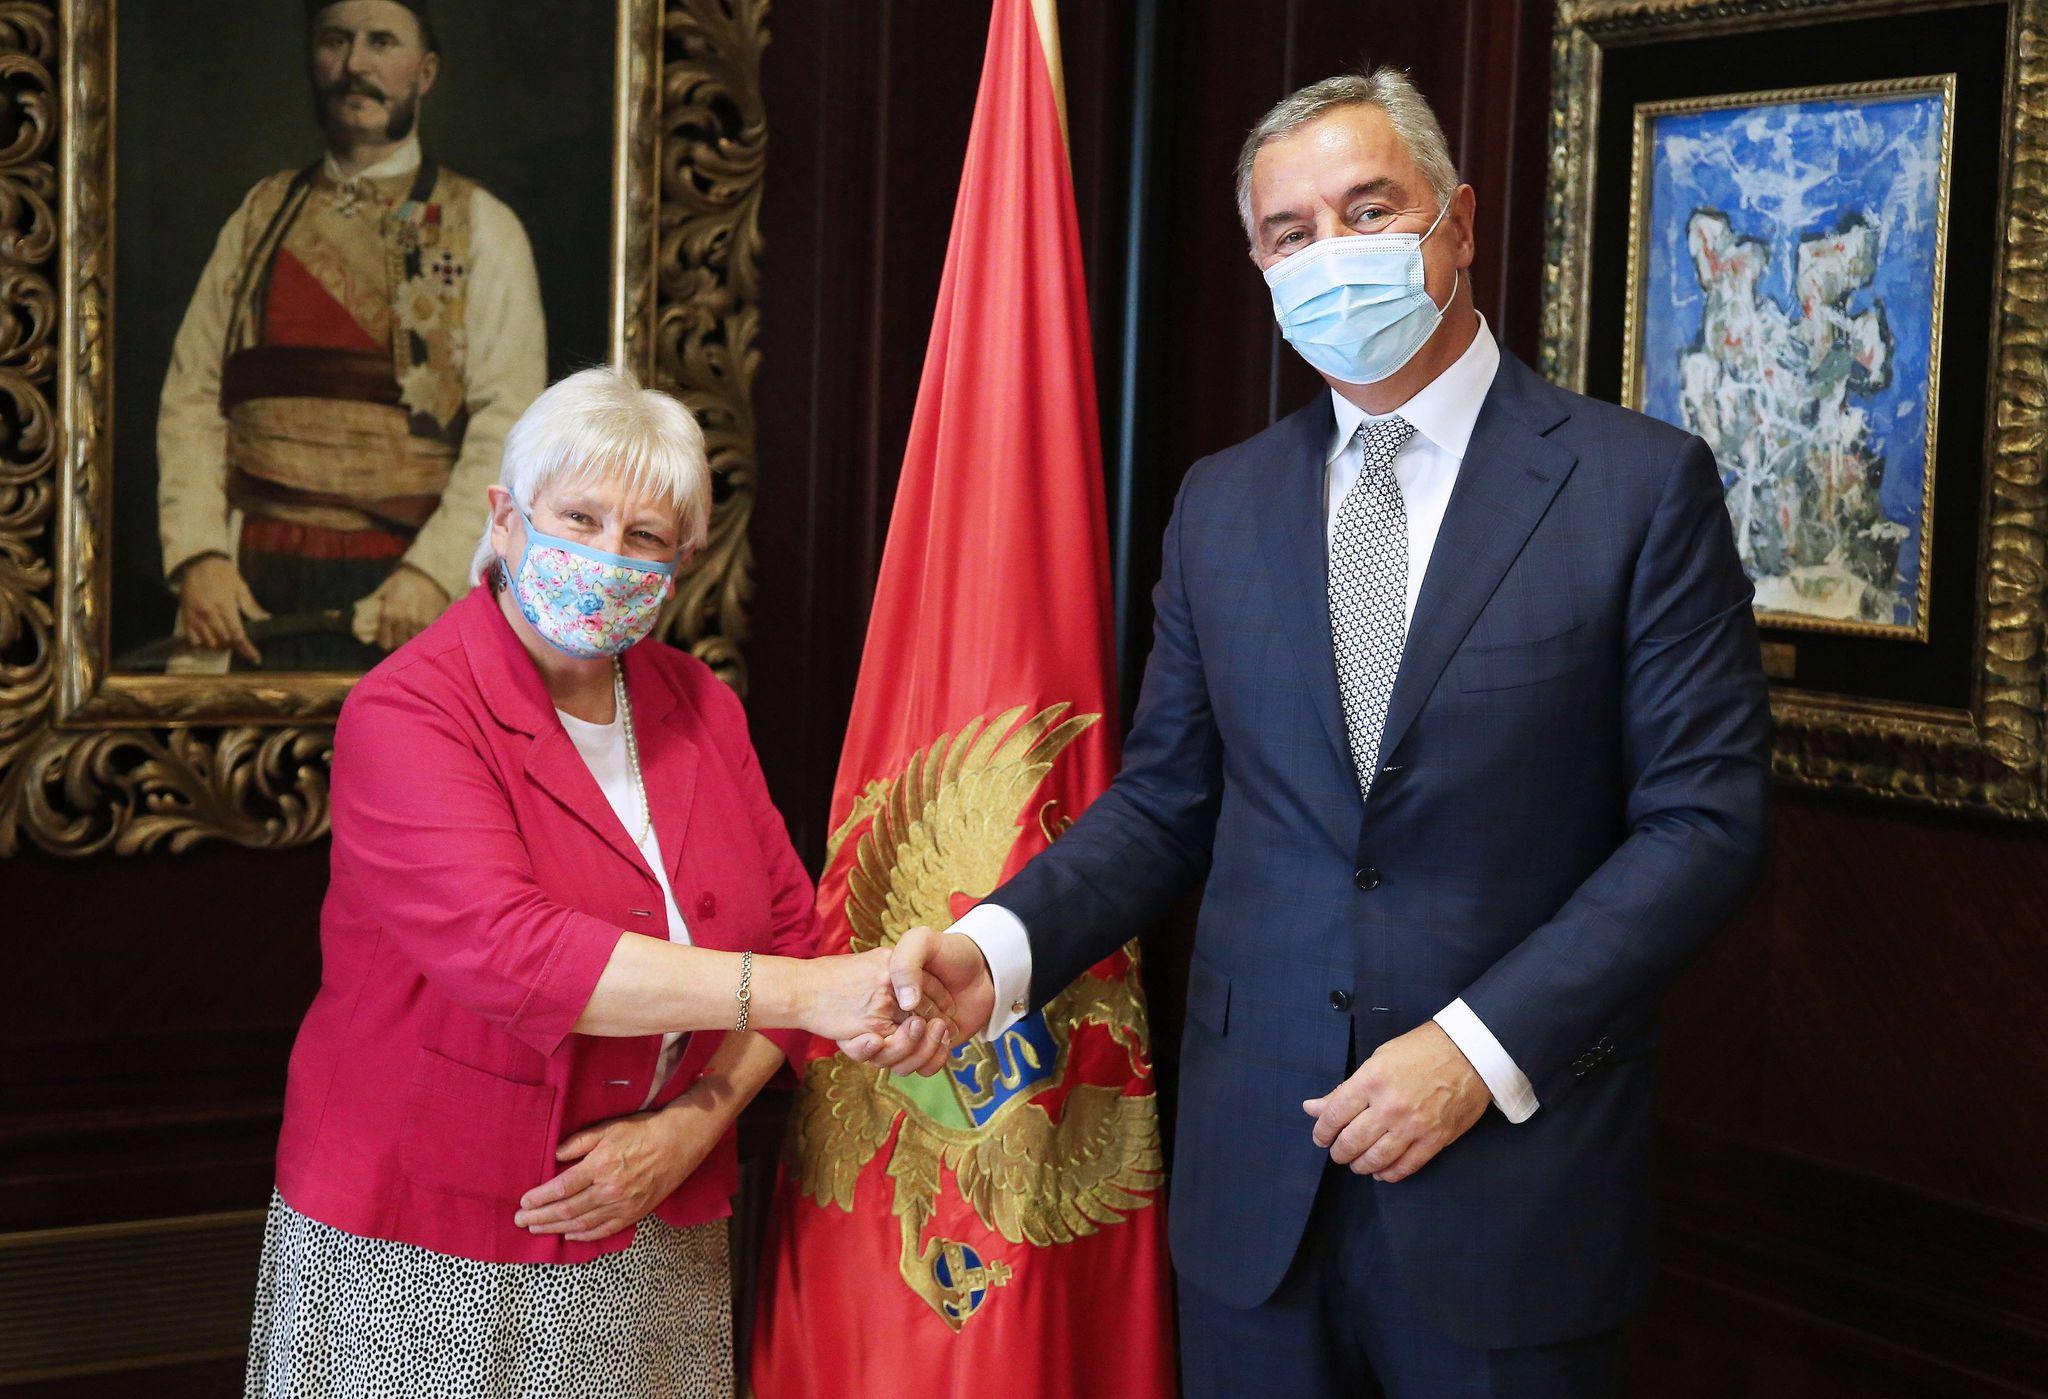 Το Ηνωμένο Βασίλειο και το Μαυροβούνιο υπογράμμισαν την κοινή δέσμευση στο ΝΑΤΟ για την επίσκεψη του Carrier Strike Group